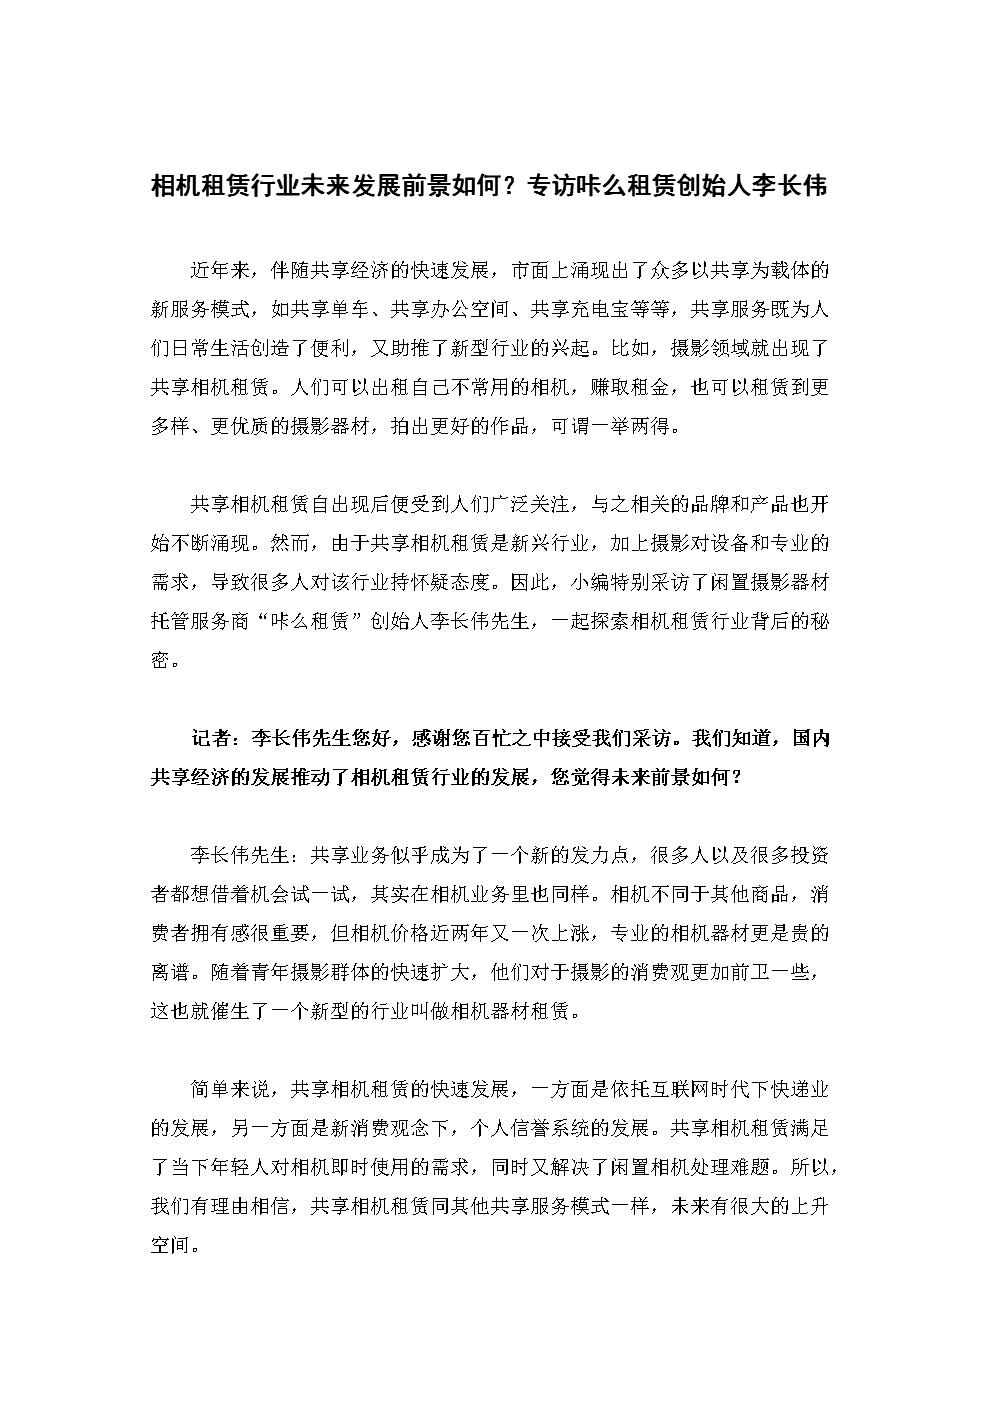 相机租赁行业未来发展前景如何?.doc